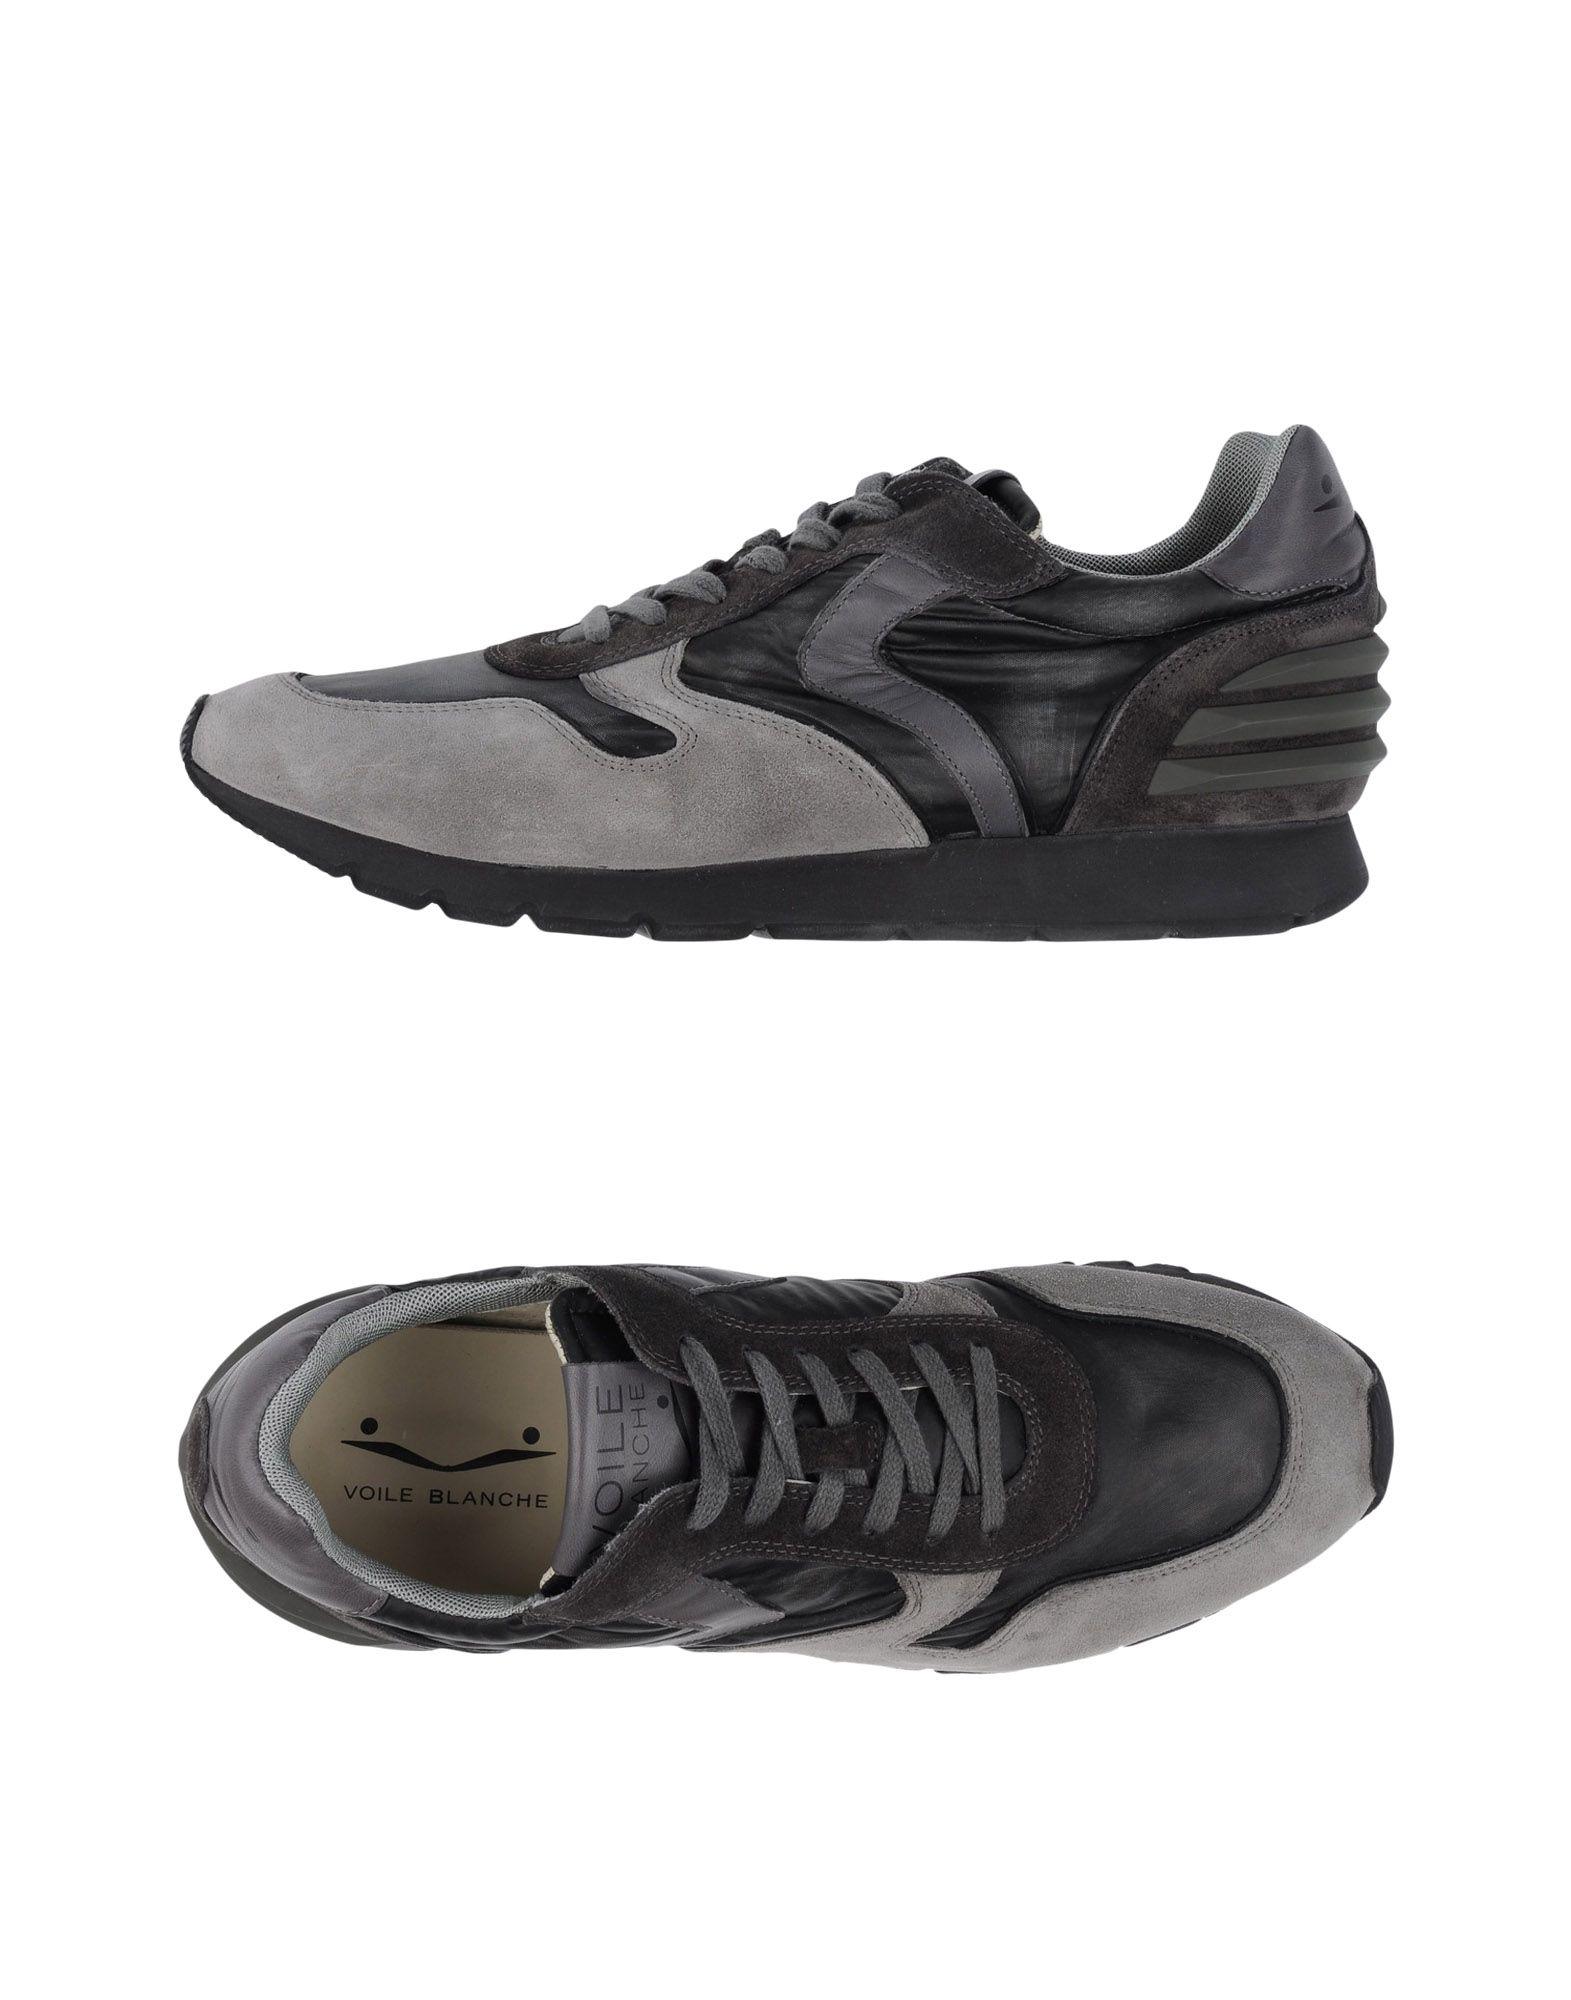 Voile Blanche Sneakers Herren  11249986RA